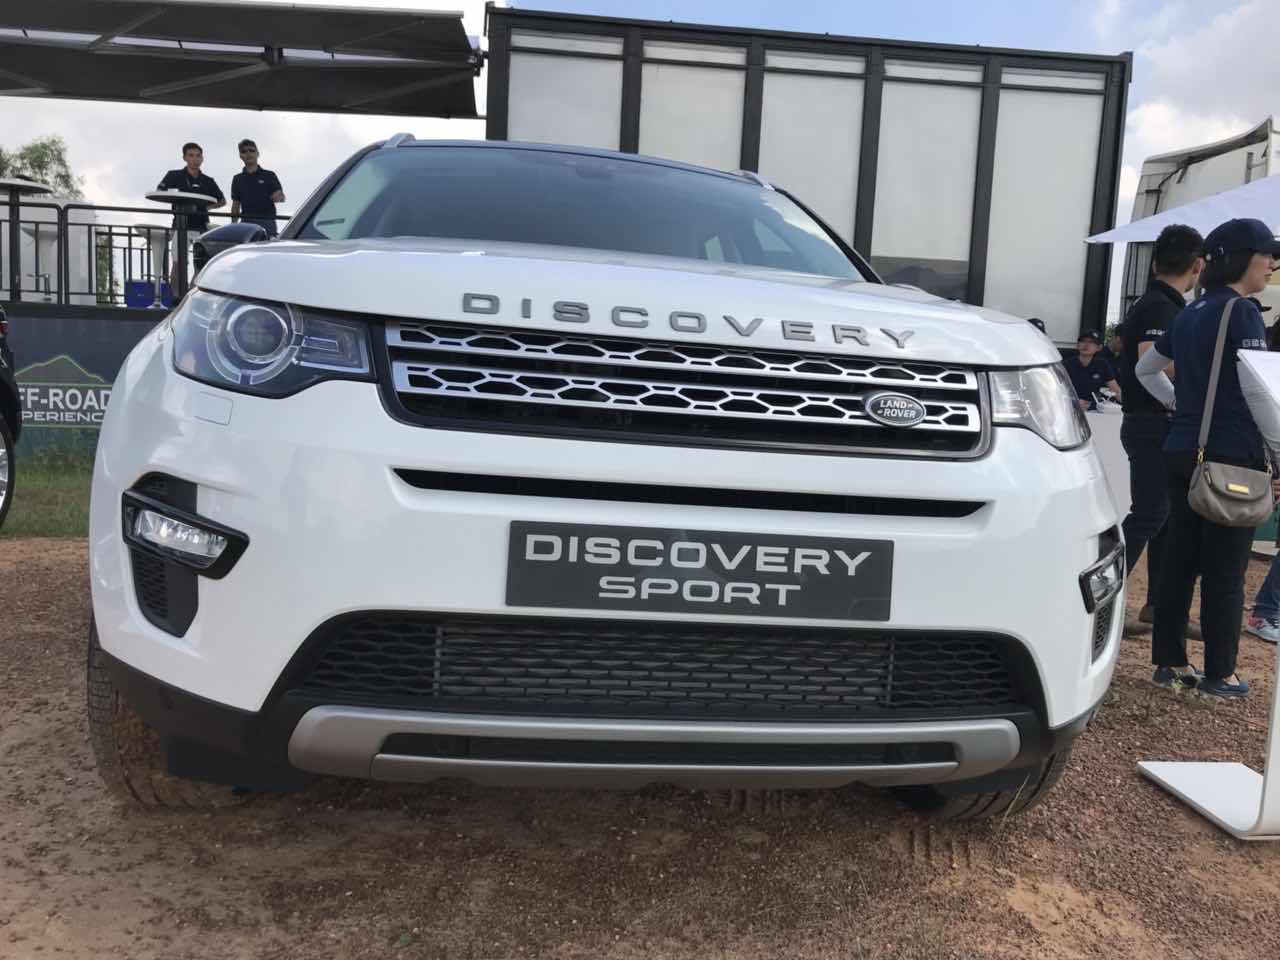 Giá Xe 5 Chỗ Land Rover Discovery SPort Màu Trắng 7 chỗ đời mới nhất 2019 Bao Nhiêu Tại Việt Nam, mẫu xe 2.0 máy xăng phiên bản tiêu chuẩn se, hse, hse luxury khác gì nhau